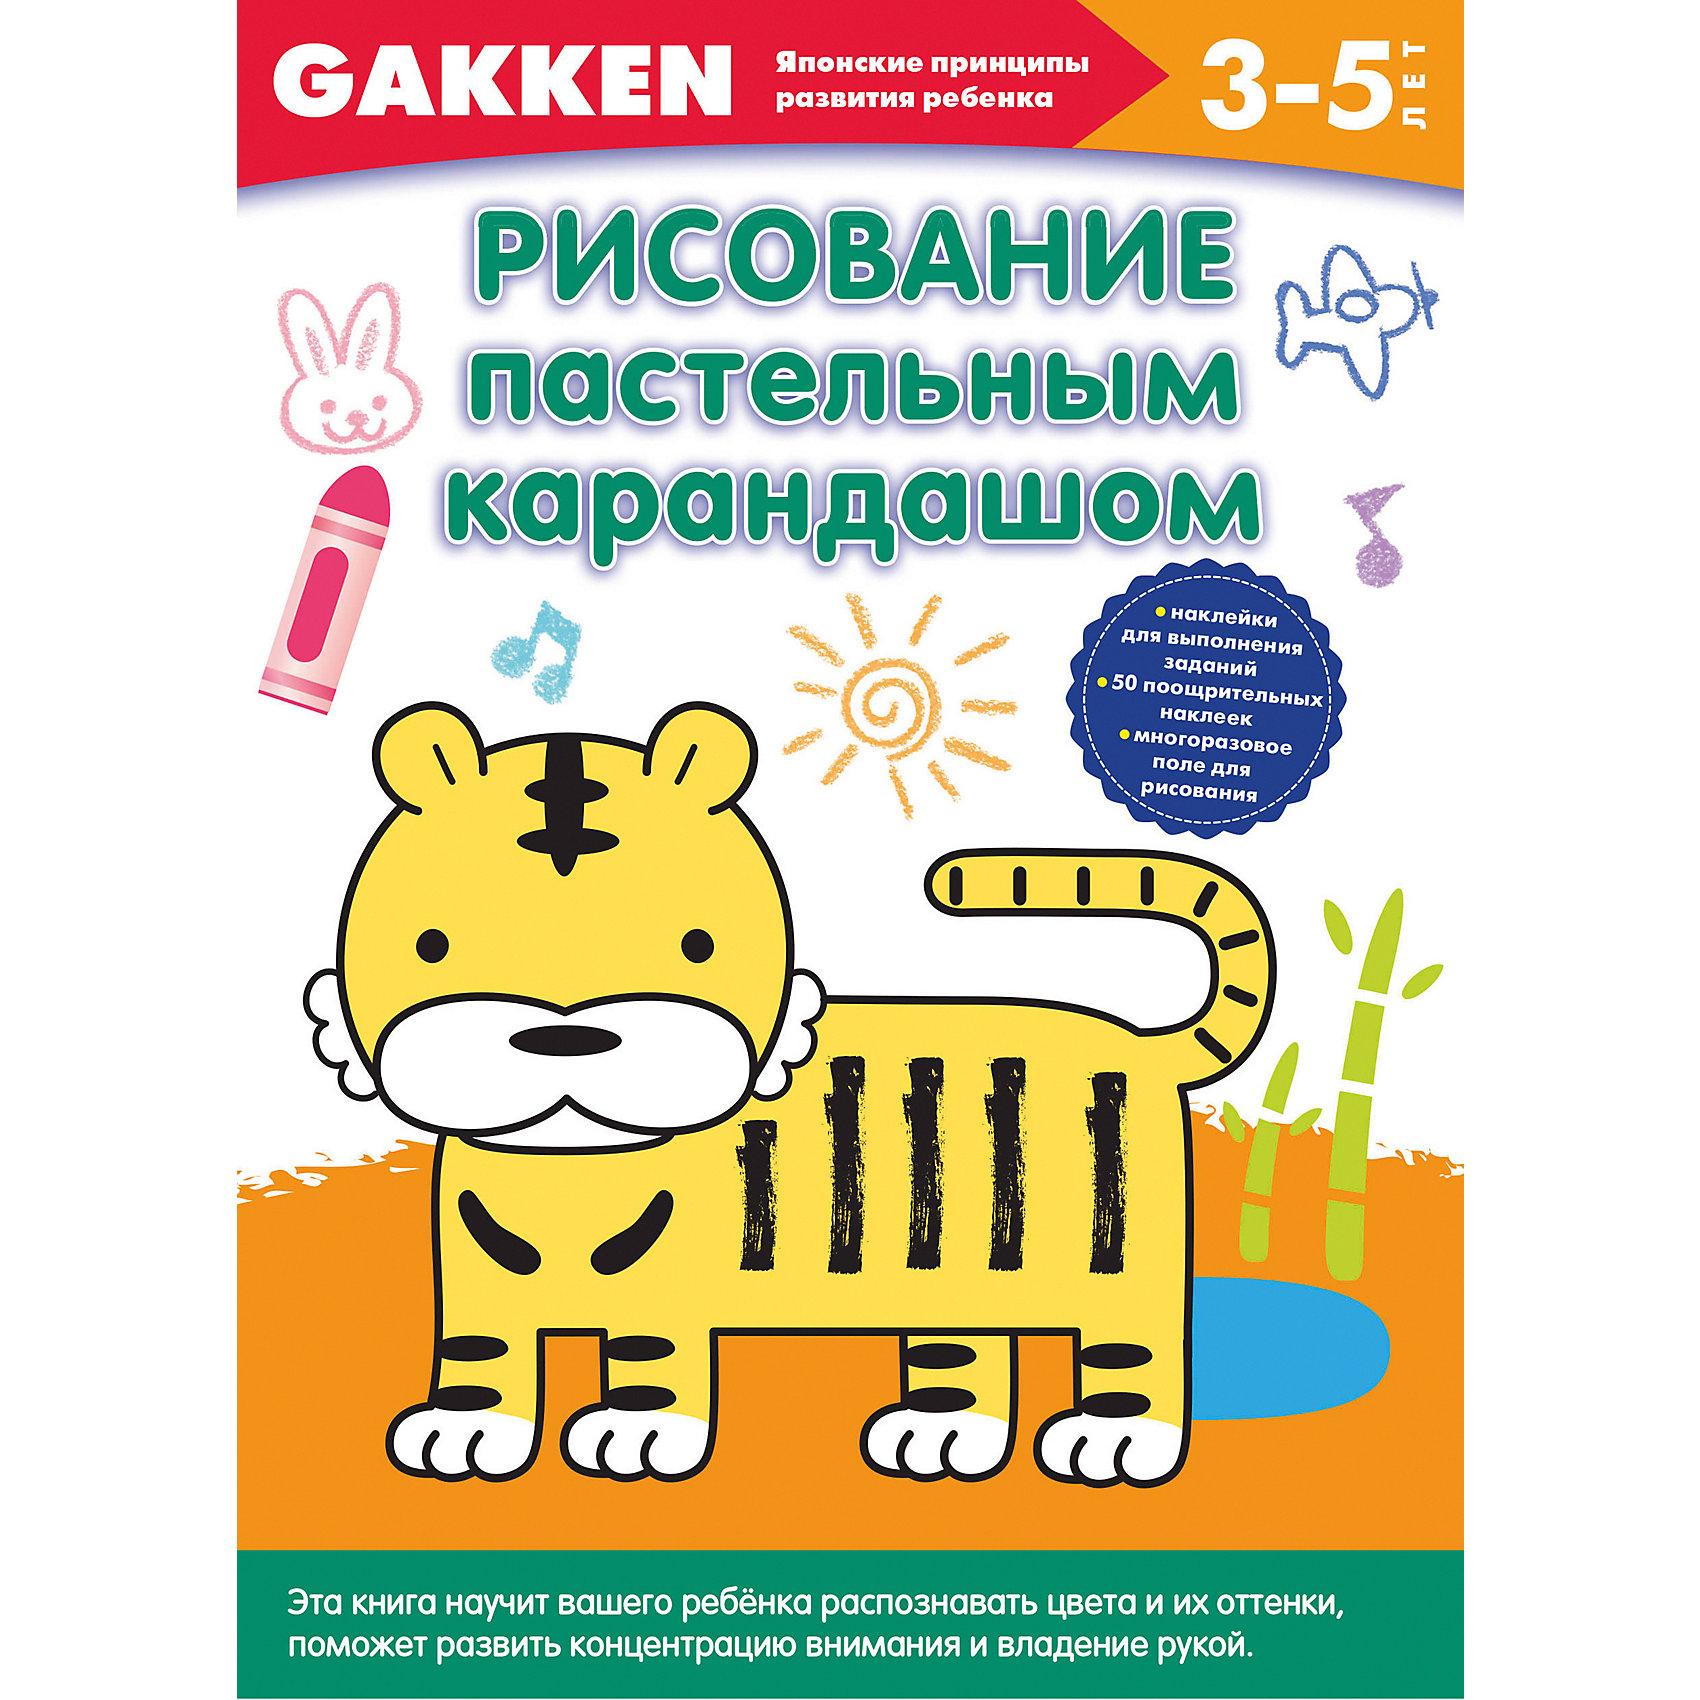 Gakken. 3+ Рисование пастельным карандашомРисование<br>Одно из крупнейших японских издательств GAKKEN 30 лет назад разработало серию рабочих тетрадей, которую мы и представляем вашему вниманию. Эти тетради, в основе которых лежат методические разработки профессора психологии Акиры Таго, помогут родителям оценить способности и развить таланты своего малыша. Занимаясь по рабочей тетради GAKKEN «3+ Рисование пастельным карандашом», вы через некоторое время сами убедитесь в том, что без нервотрепки и утомительных скучных занятий  ваш ребенок может:<br>•назвать основные цвета и даже различать их оттенки;<br>•рисовать различные линии от простейших до довольно сложных;<br>•уверенно пользоваться пастельным карандашом и как следствие аккуратно раскрашивать рисунки, не заходя за контур;<br>•уверенно рисовать простые фигуры.<br>А ещё малыша ожидает специальная многоразовая страница для творческого рисования!<br><br>Дополнительная информация:<br><br>- год выпуска: 2015<br>- количество страниц:64<br>- формат: 29 *21 см.<br>- переплет: мягкий переплет<br>- вес: 278 гр.<br>- возраст: от  3  до 5 лет<br><br>Gakken. 3+ Рисование пастельным карандашом можно купить в нашем интернет - магазине.<br><br>Ширина мм: 290<br>Глубина мм: 210<br>Высота мм: 5<br>Вес г: 278<br>Возраст от месяцев: 36<br>Возраст до месяцев: 72<br>Пол: Унисекс<br>Возраст: Детский<br>SKU: 4753539